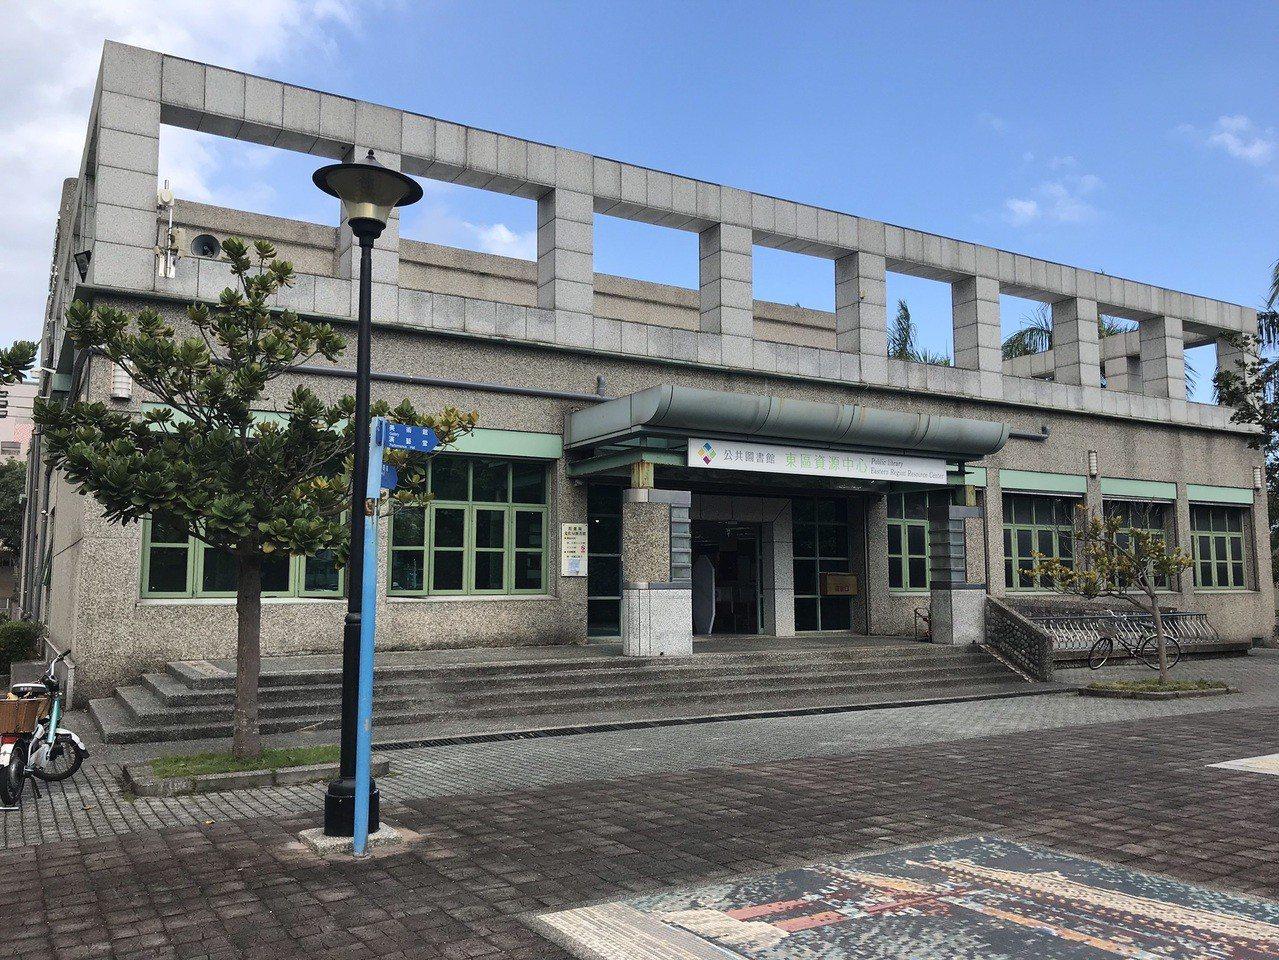 花蓮文化局圖書館館齡30多年,相當老舊,文化局爭取到3億元重建經費。記者王燕華/...